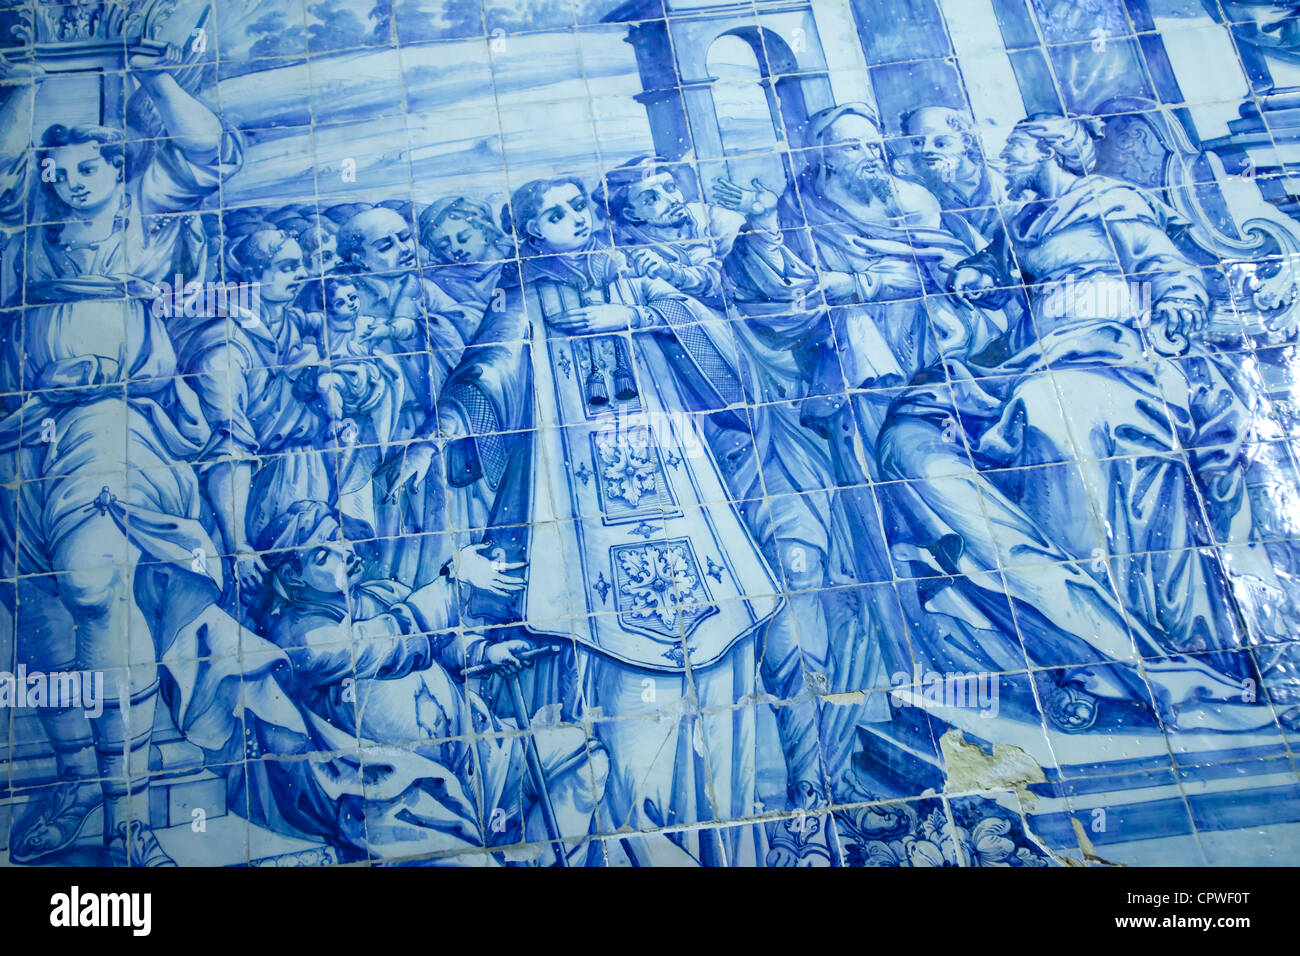 Piastrelle blu opera nella Chiesa di San Lorenzo, Almancil, Portogallo Immagini Stock